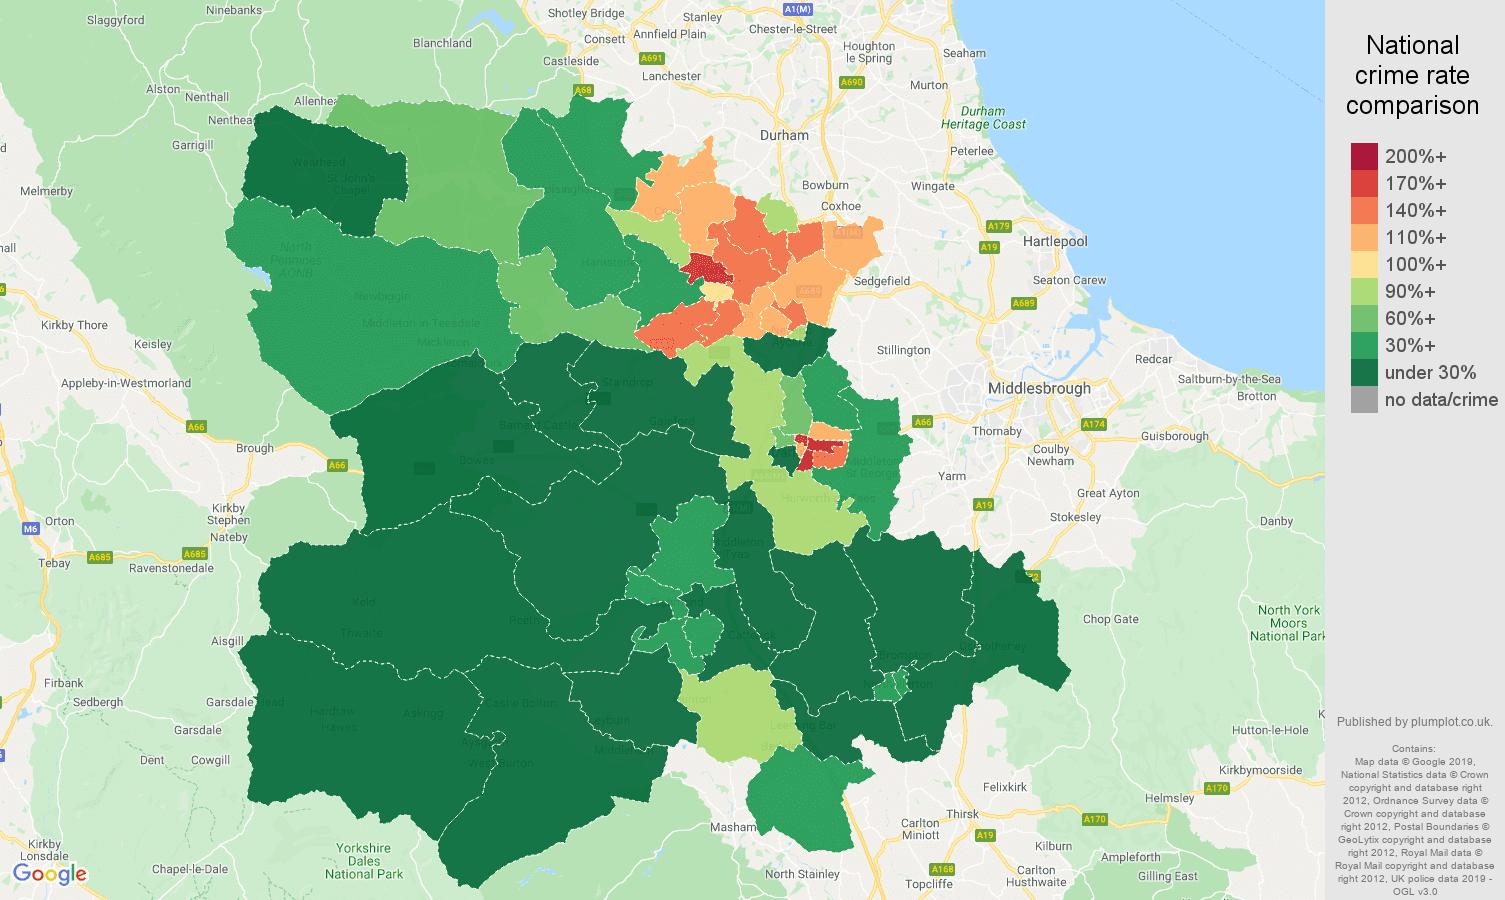 Darlington public order crime rate comparison map